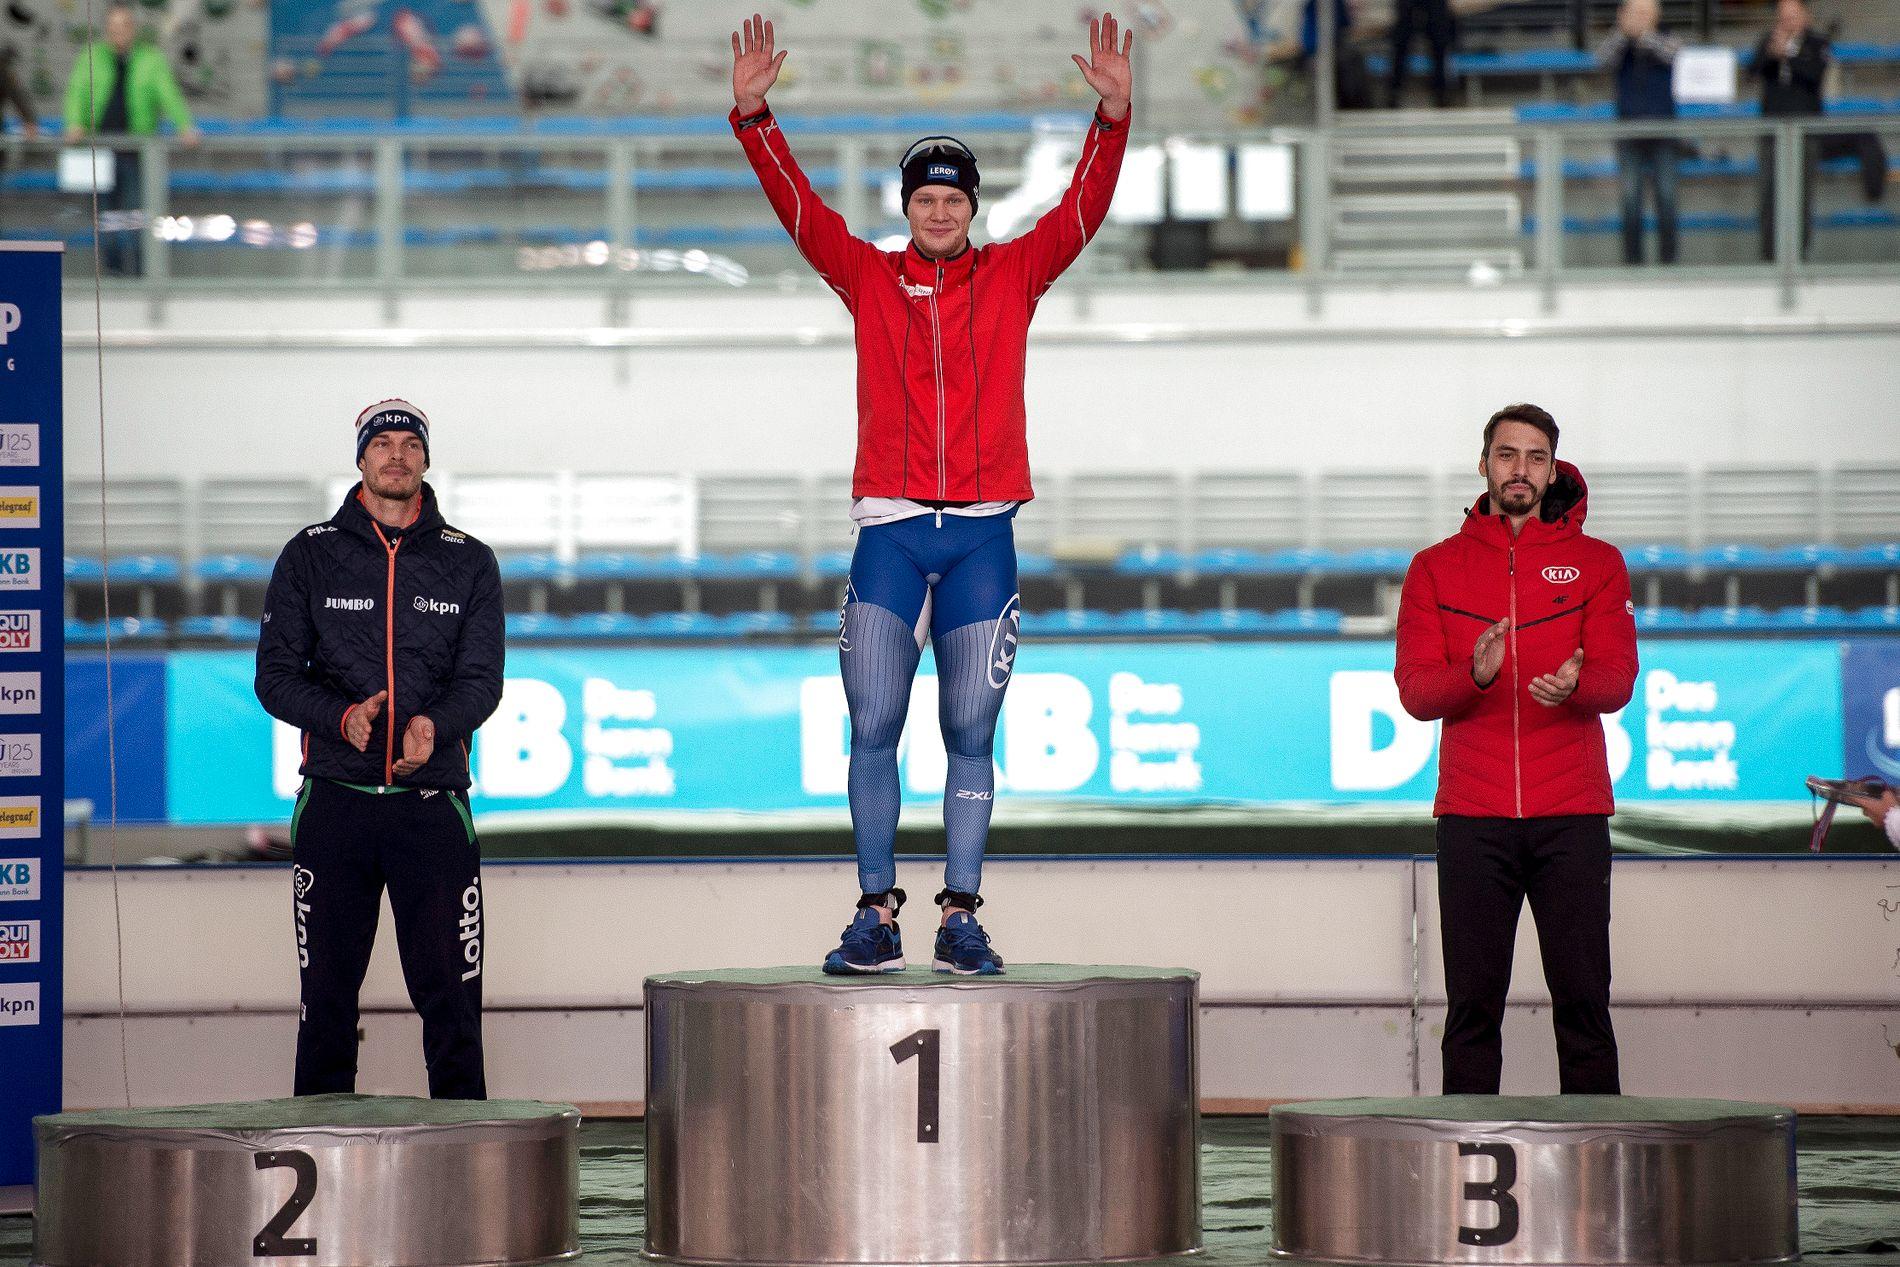 RASKEST AV ALLE: Ingen klarer å hamle opp med Håvard Lorentzen for tiden. På 500-meteren i Stavanger kom Hein Otterspeer på 2. plass, mens Artur Was ble nummer tre. Foto: NTB scanpix